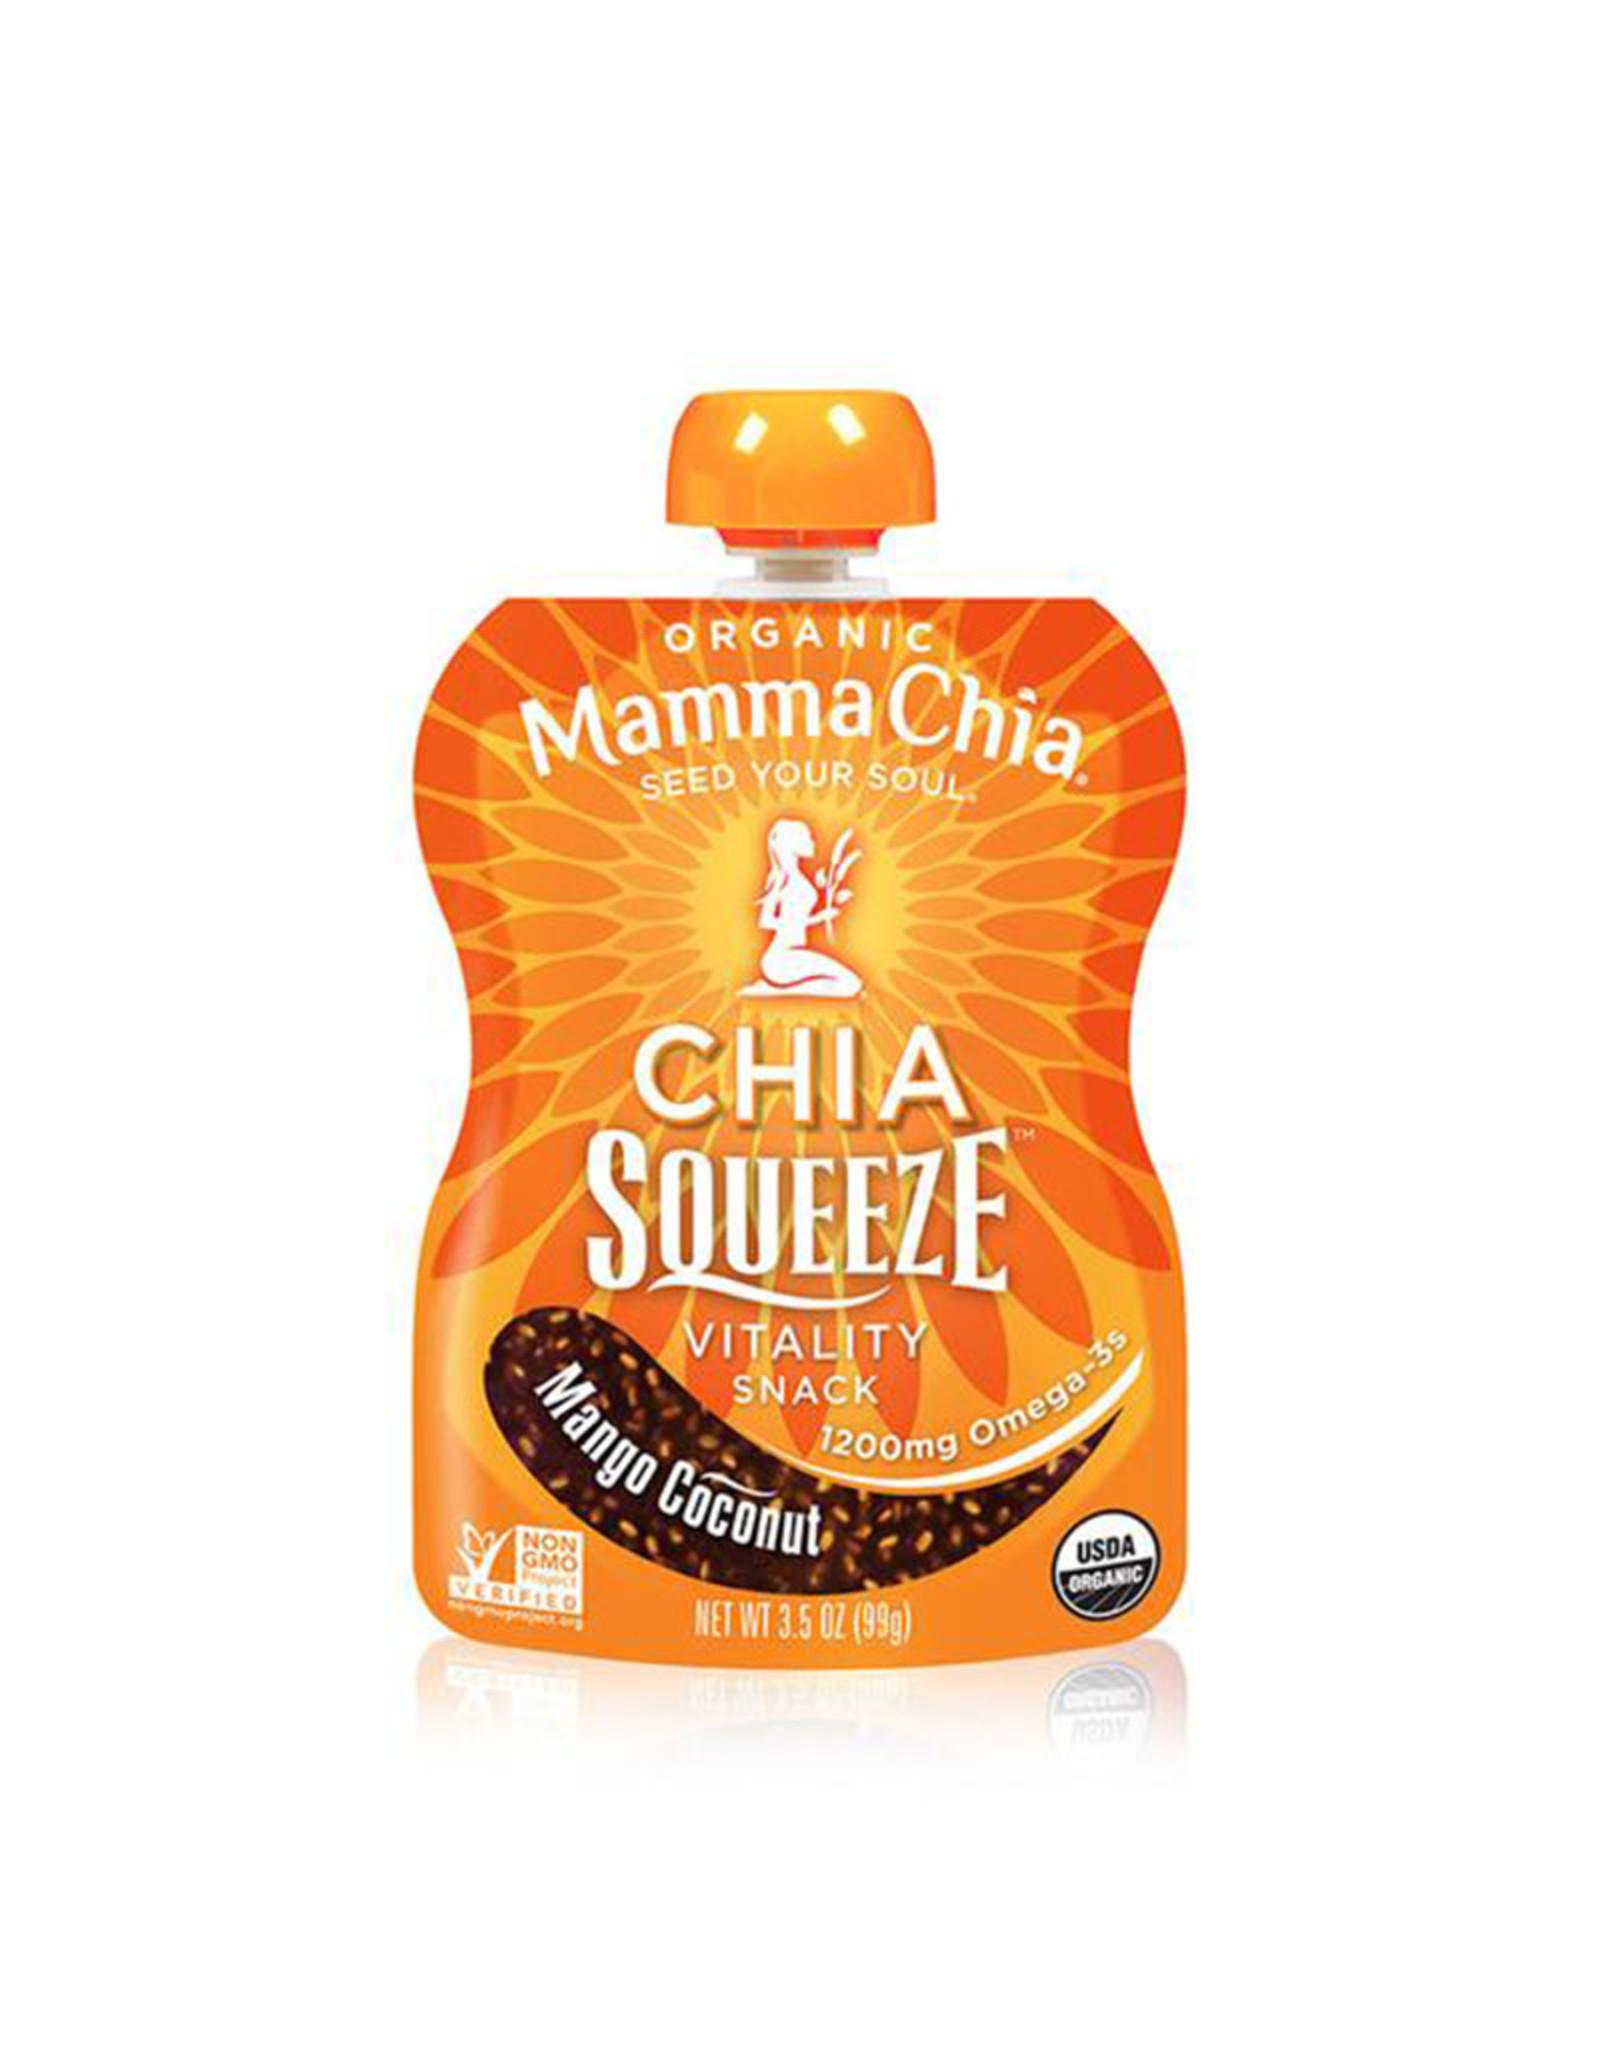 Mamma Chia Mamma Chia - Chia Squeeze, Mangue Noix de Coco (99g)